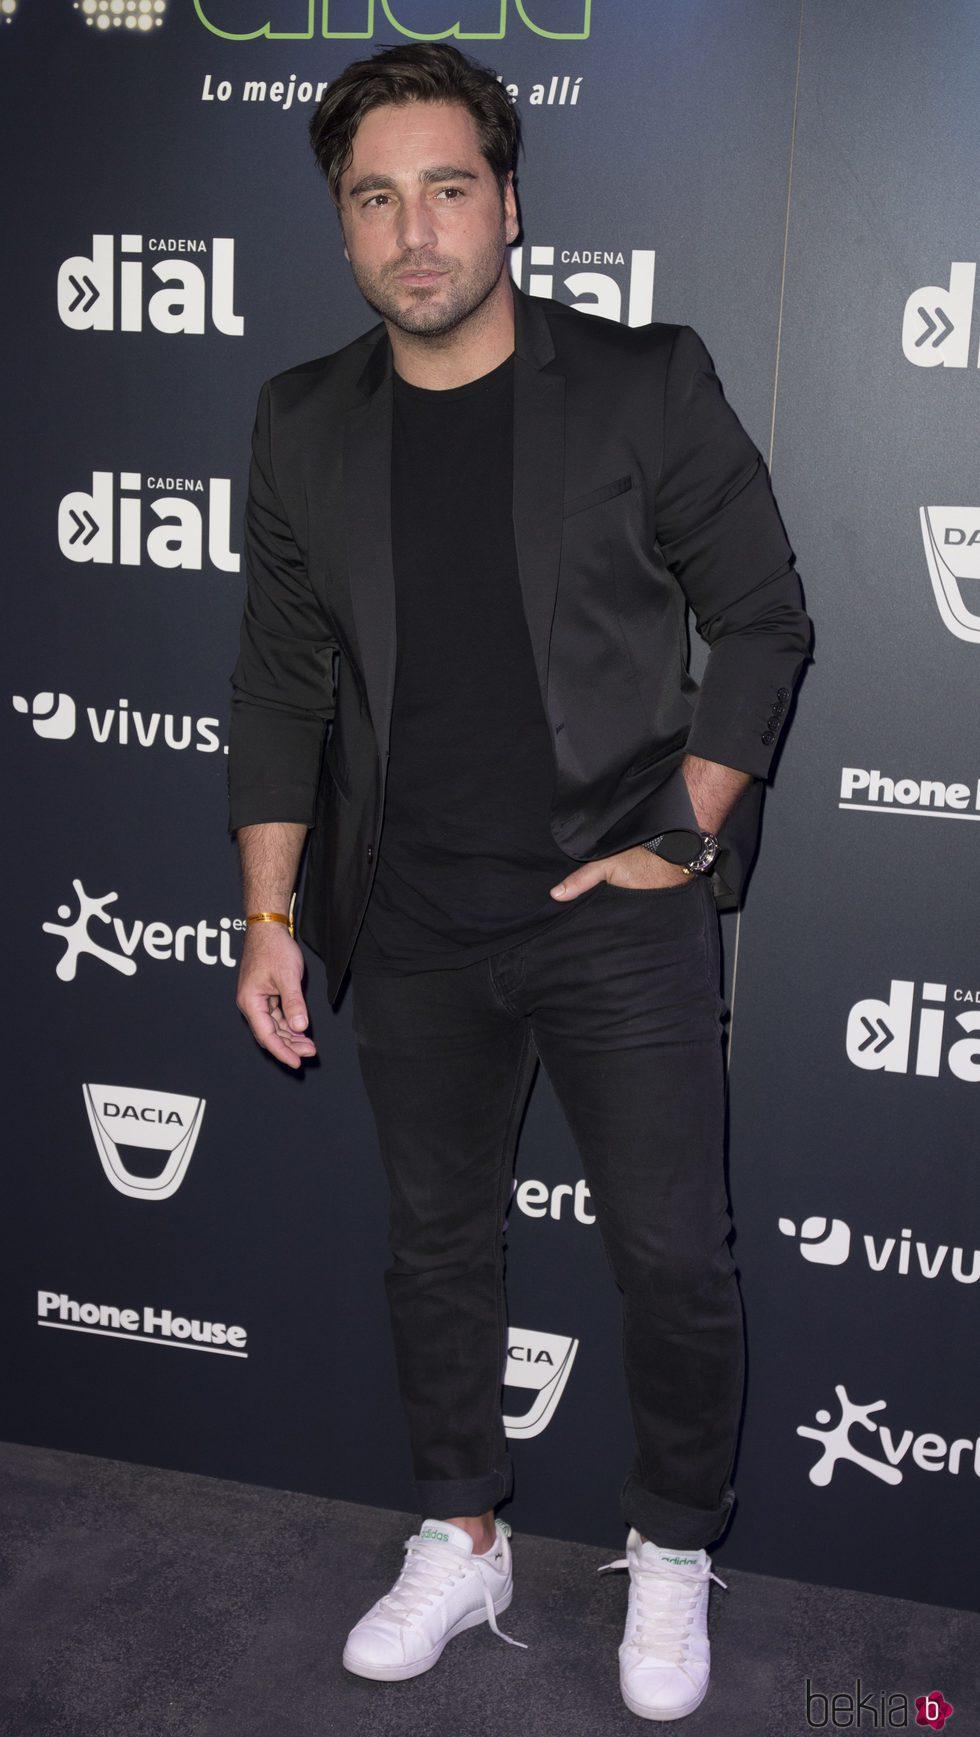 David Bustamante en la rueda de Prensa 'Vive Dial'